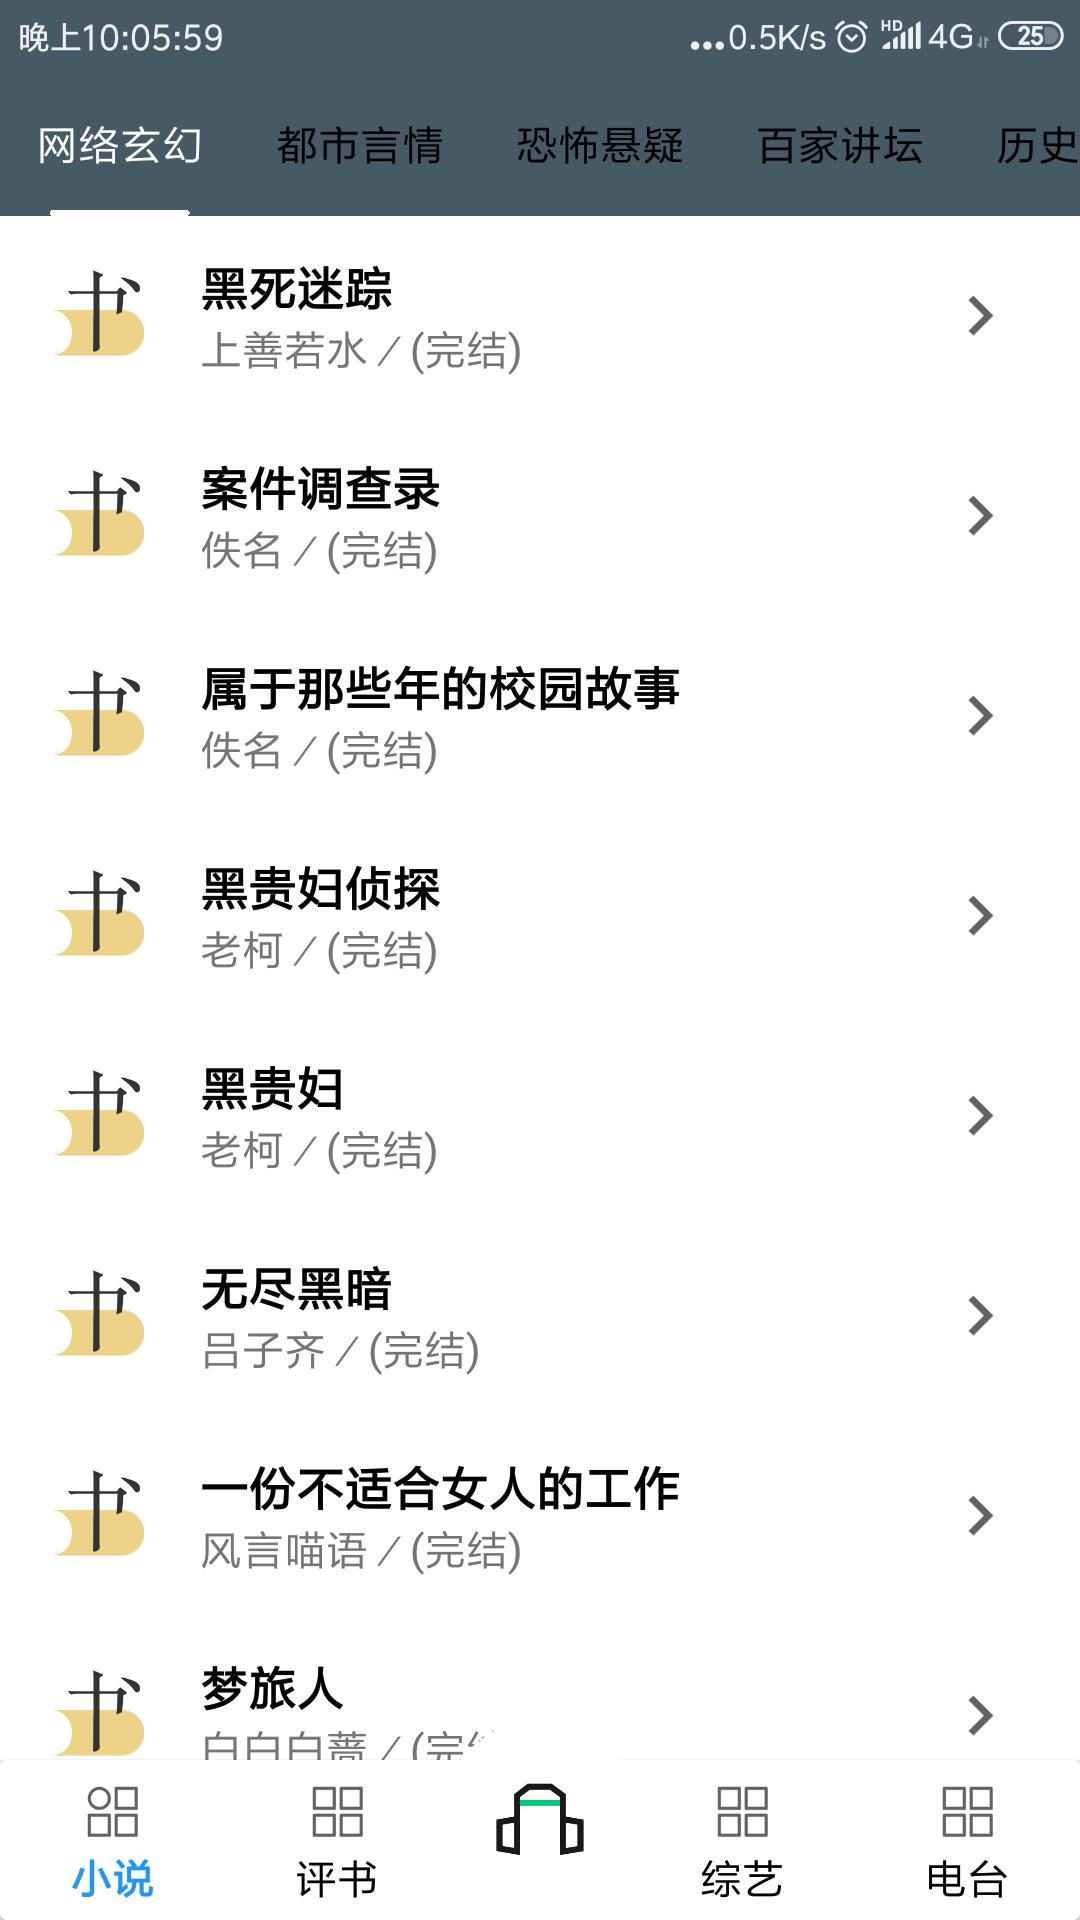 【原创软件】氦气听书1.0.1-爱小助